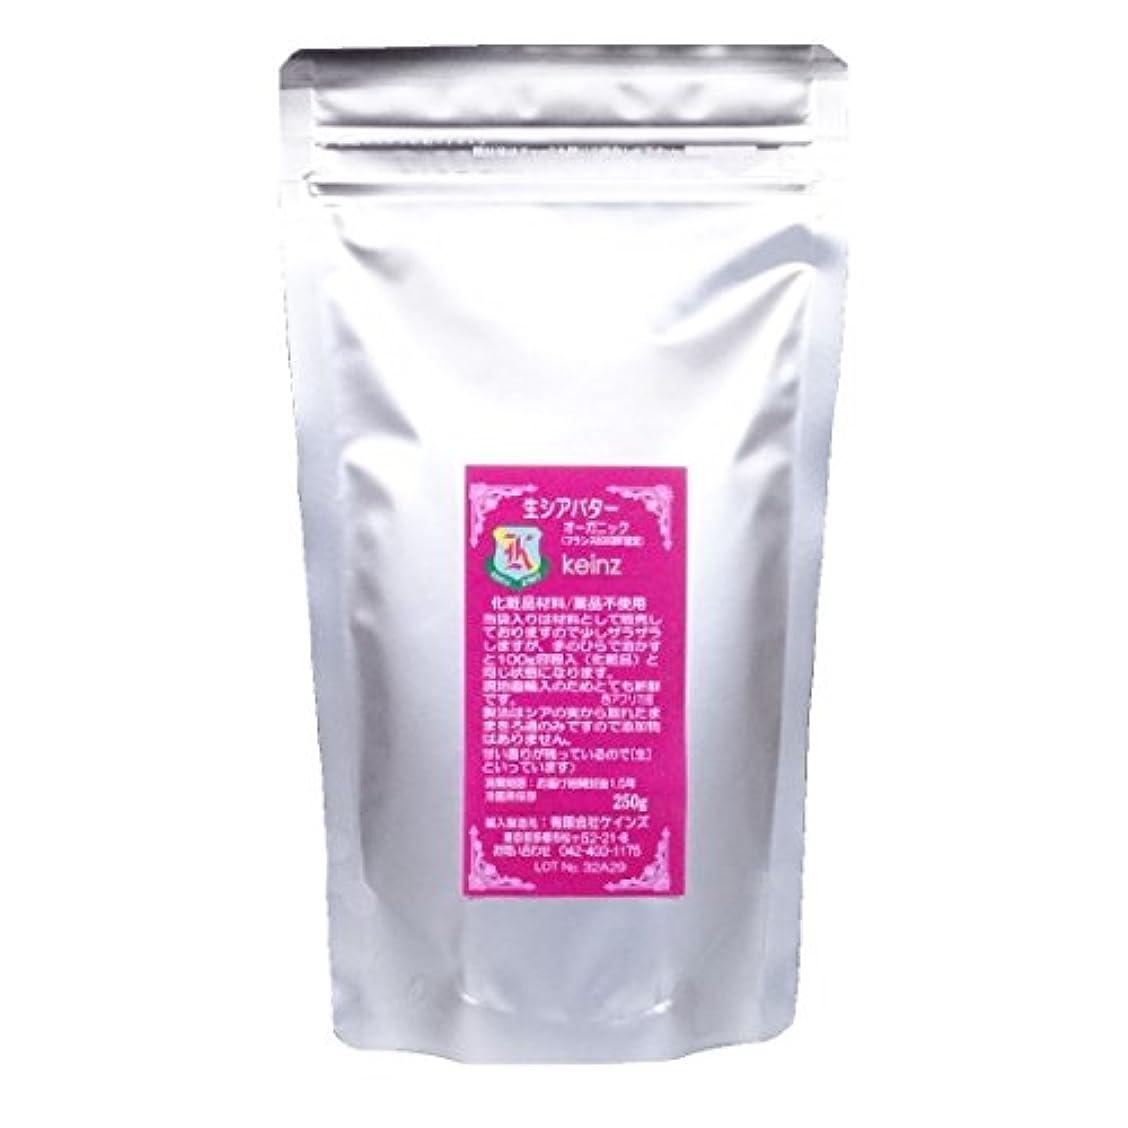 焼くシアートムオードリースkeinz 【良質/新鮮】生シアバター 【オーガニック】250g チャック袋入 ケインズ正規品 新鮮です 完全無添加 天然100%【送料込】日本製